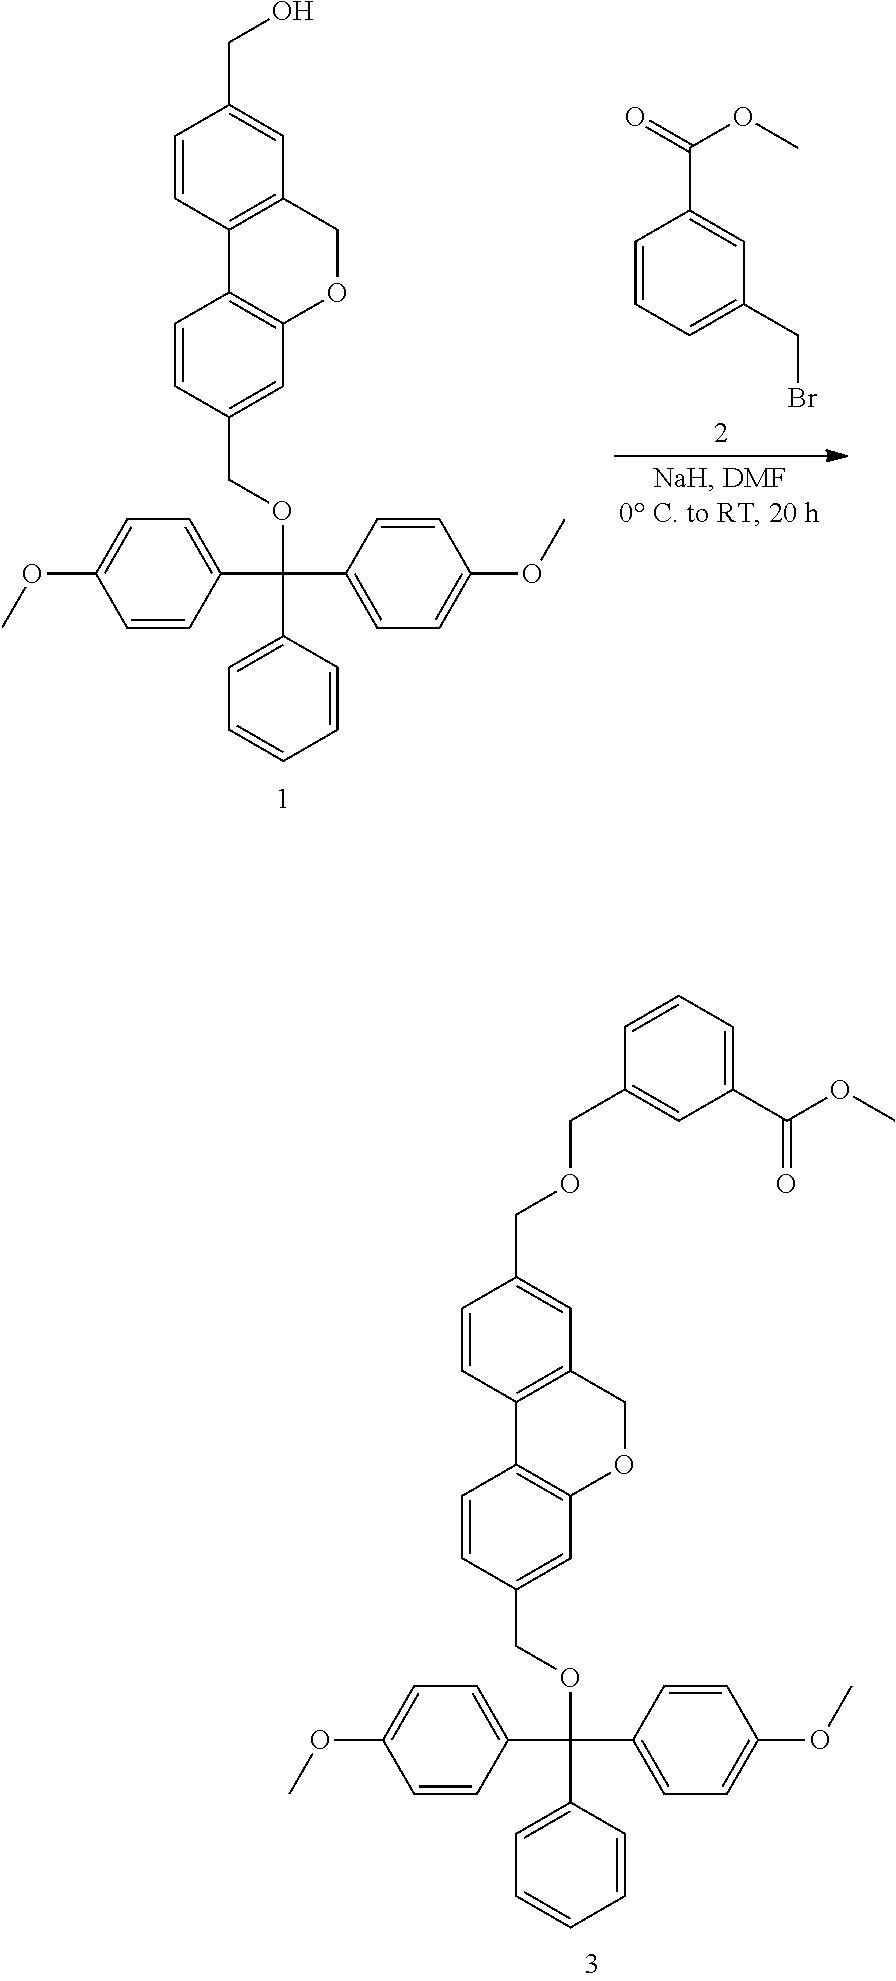 Figure US09988627-20180605-C00357